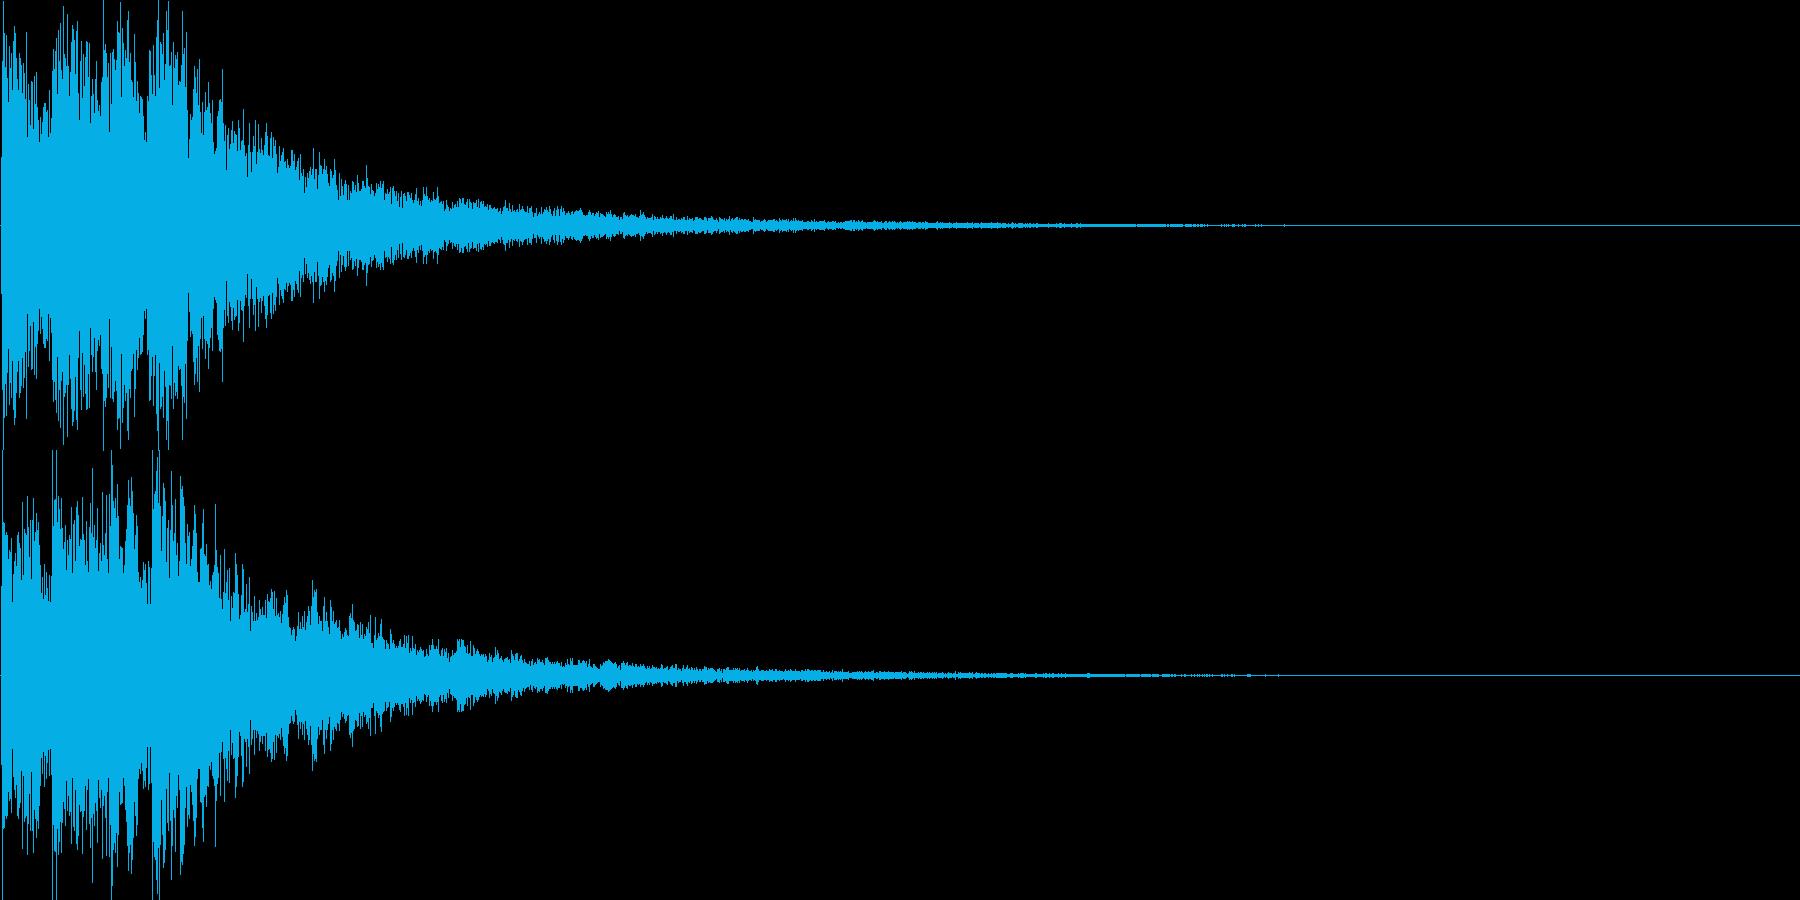 シンセ音(決定音、アプリ、ゲームなどに)の再生済みの波形